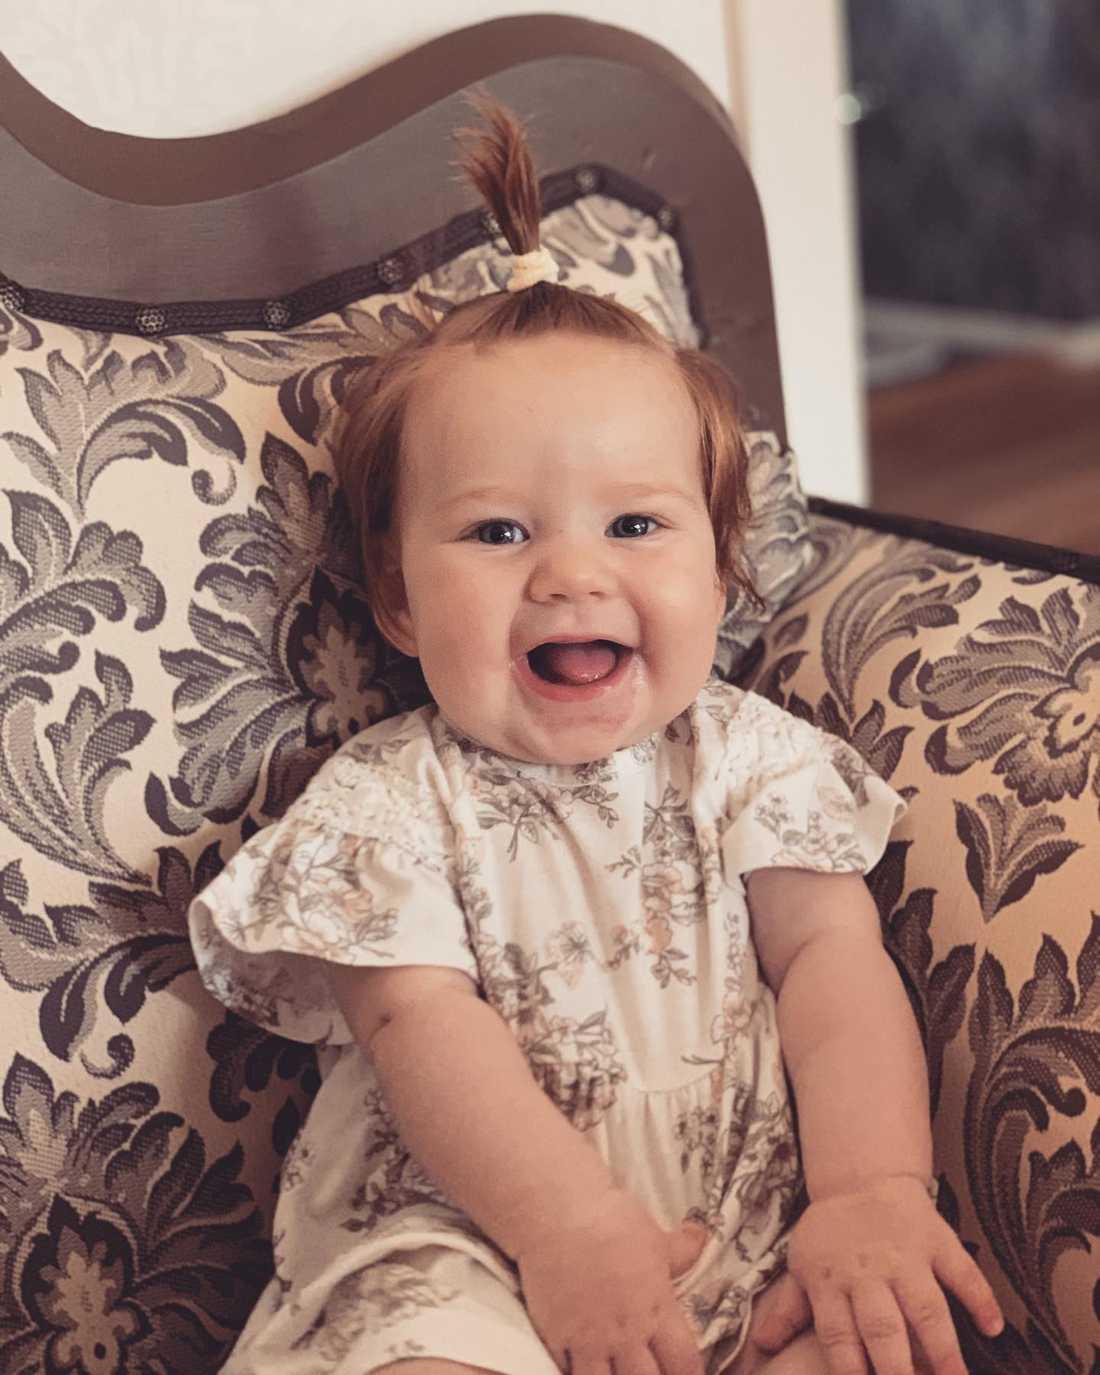 """Mamman Lisa Roos från Skövde: """"Kan säga att min dotter har en riktig kalufs hon med. Nu är hon fyra månader och har tofs för annars får hon hår som går ner i ögonen.  Andra bebisar tappar en hel del och får kala fläckar lite här och var men inte Alicia""""."""